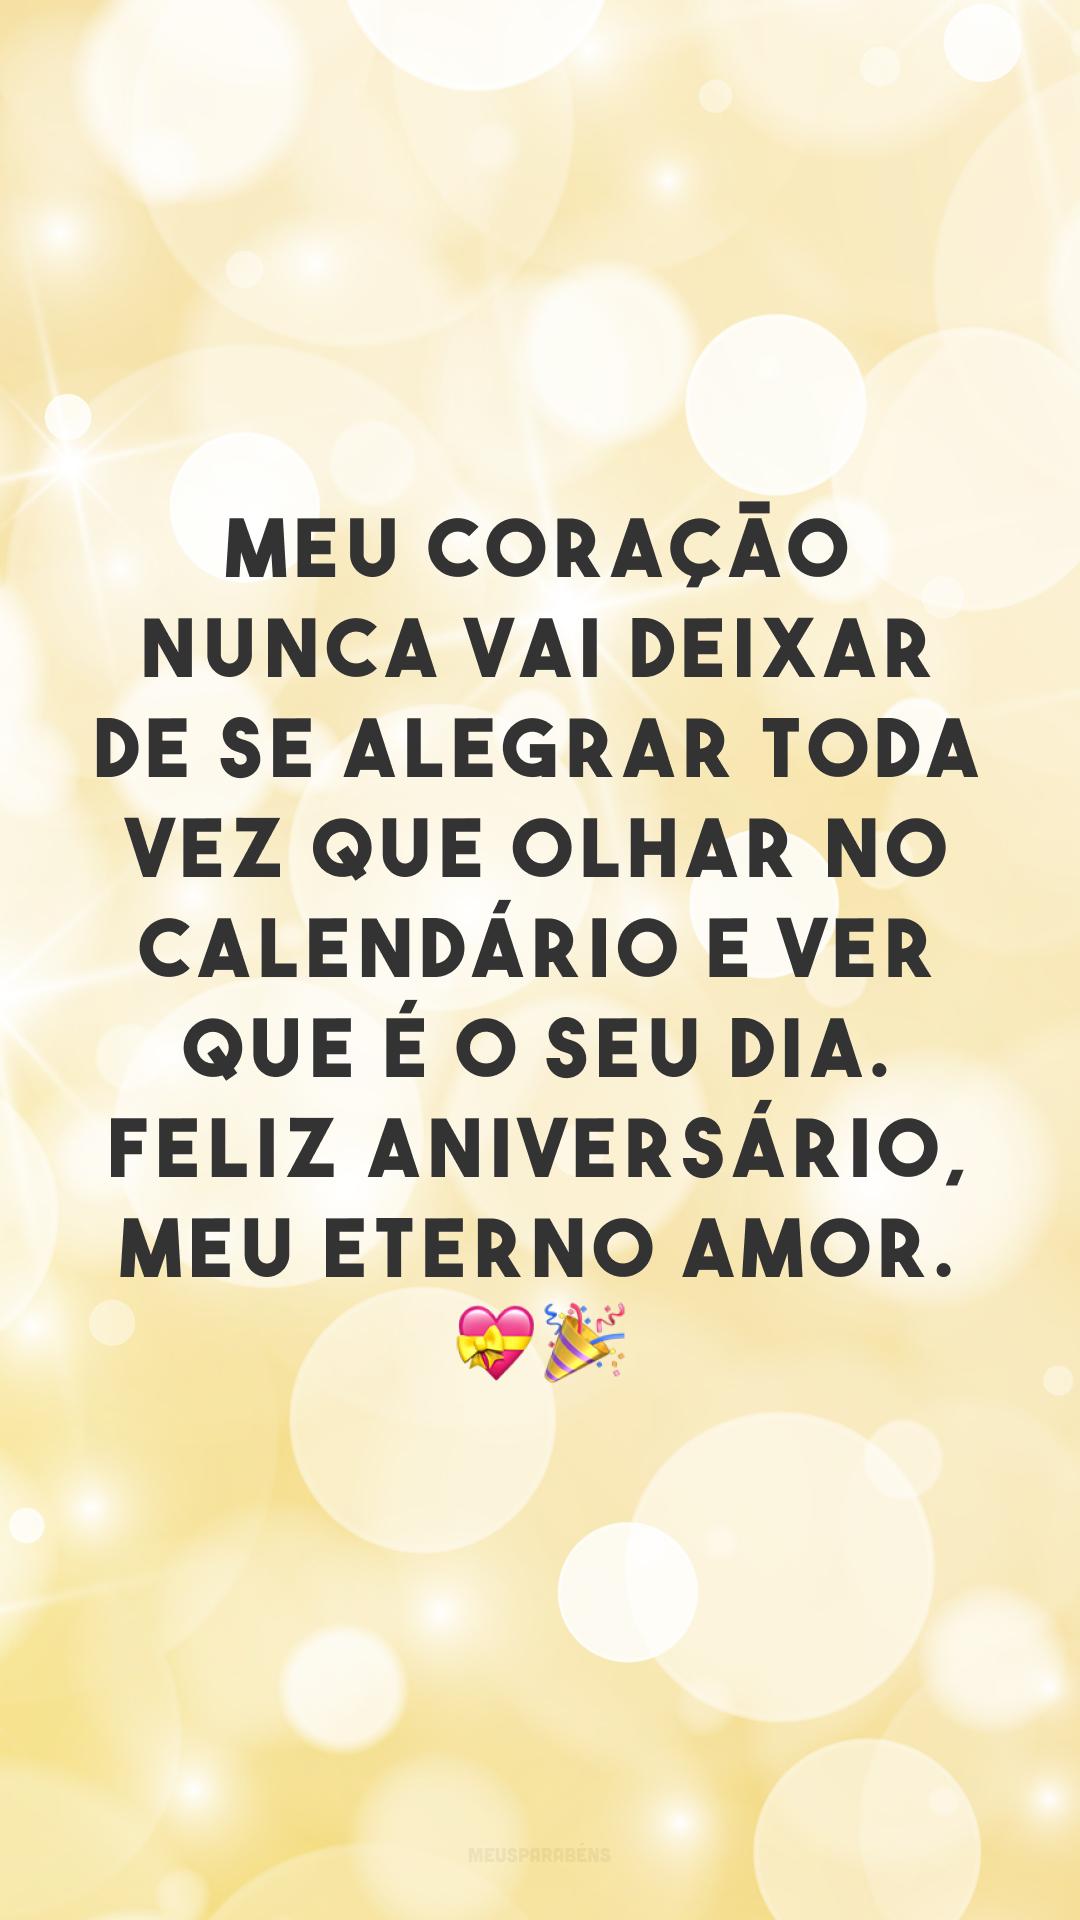 Meu coração nunca vai deixar de se alegrar toda vez que olhar no calendário e ver que é o seu dia. Feliz aniversário, meu eterno amor. 💝🎉